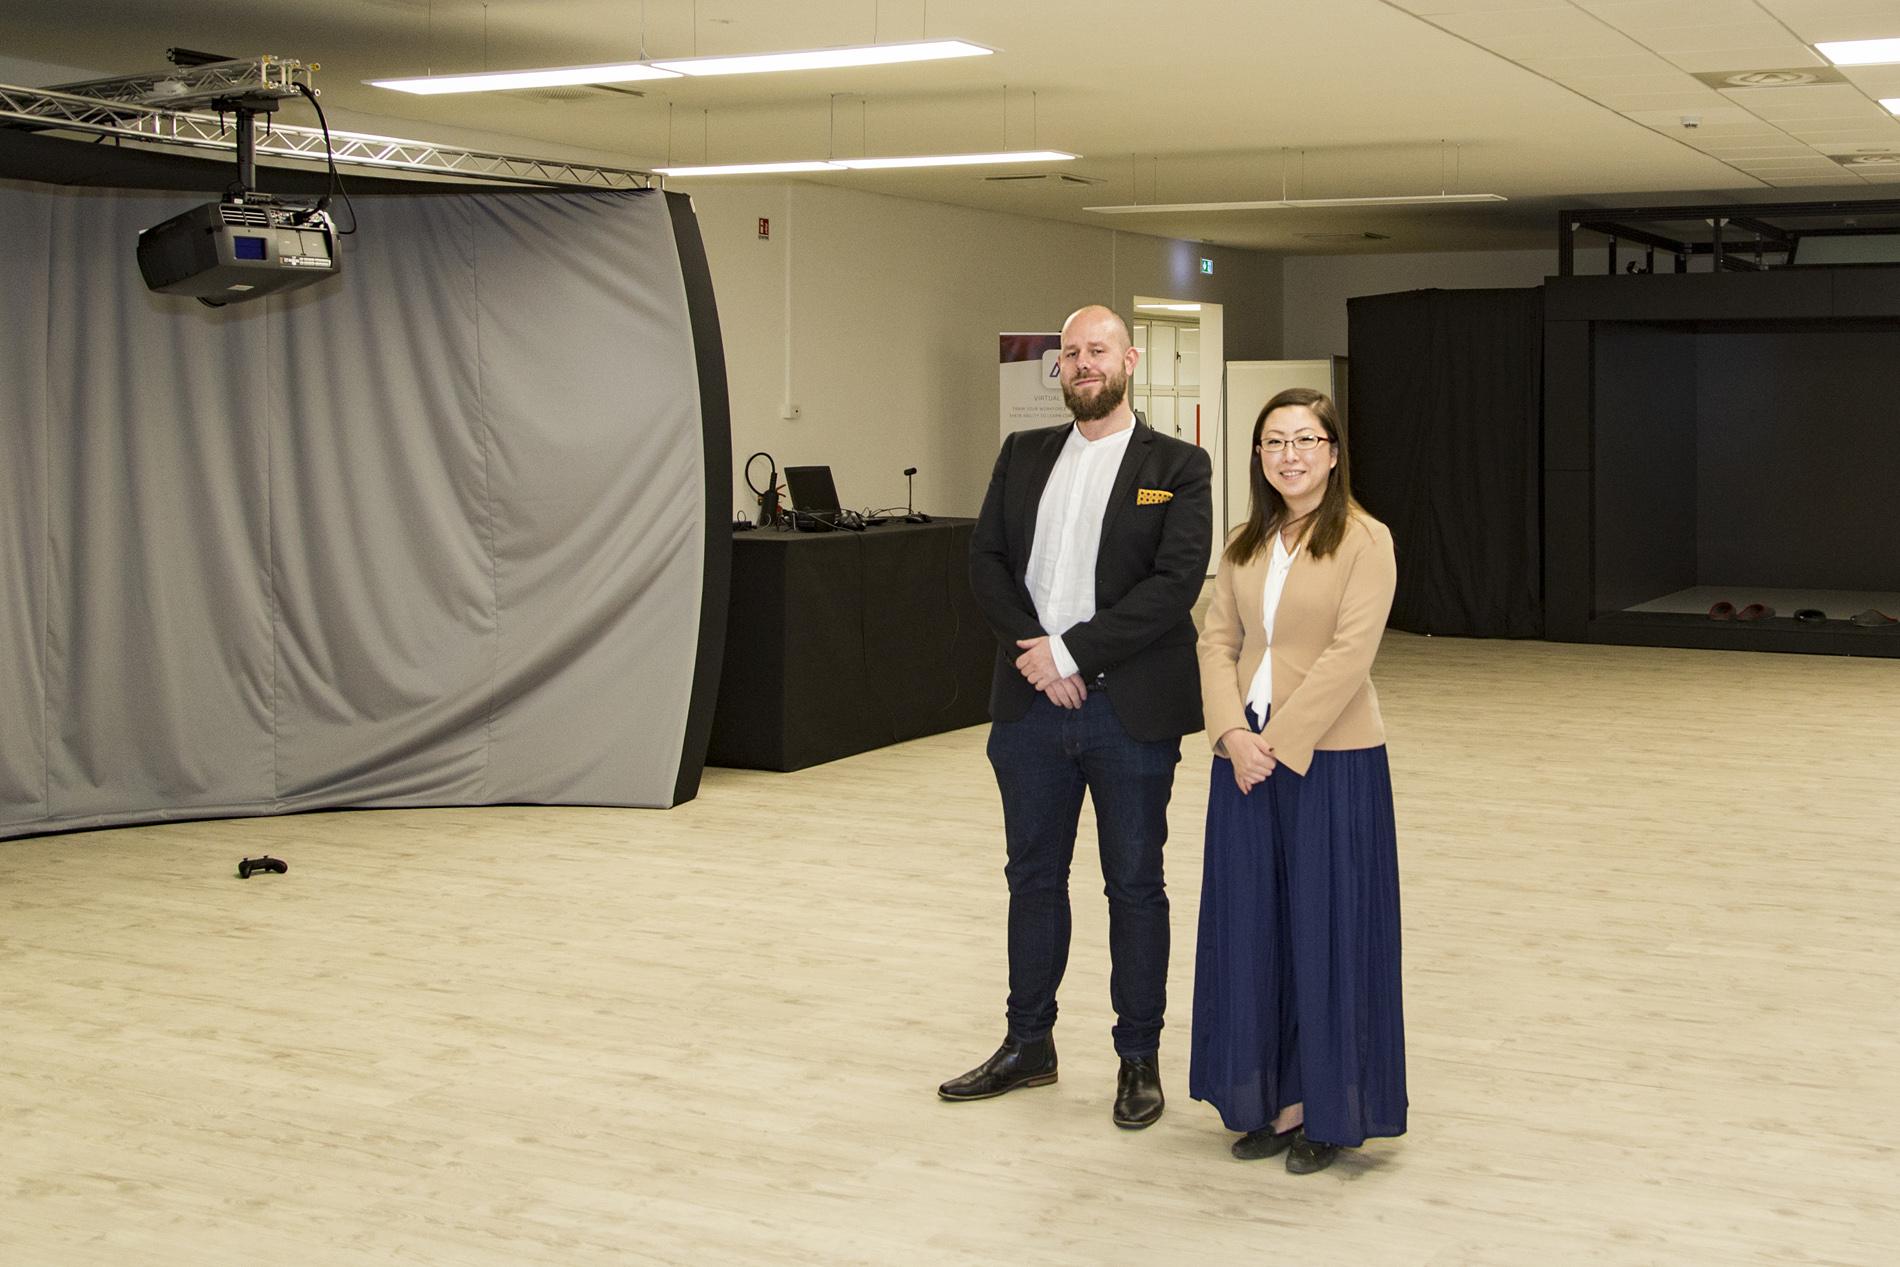 AVRJapanの立石万弓さんと新社員Bjørne Hoffさん。AVRJapan's Mayumi Tateishi and Bjørne Hoff.